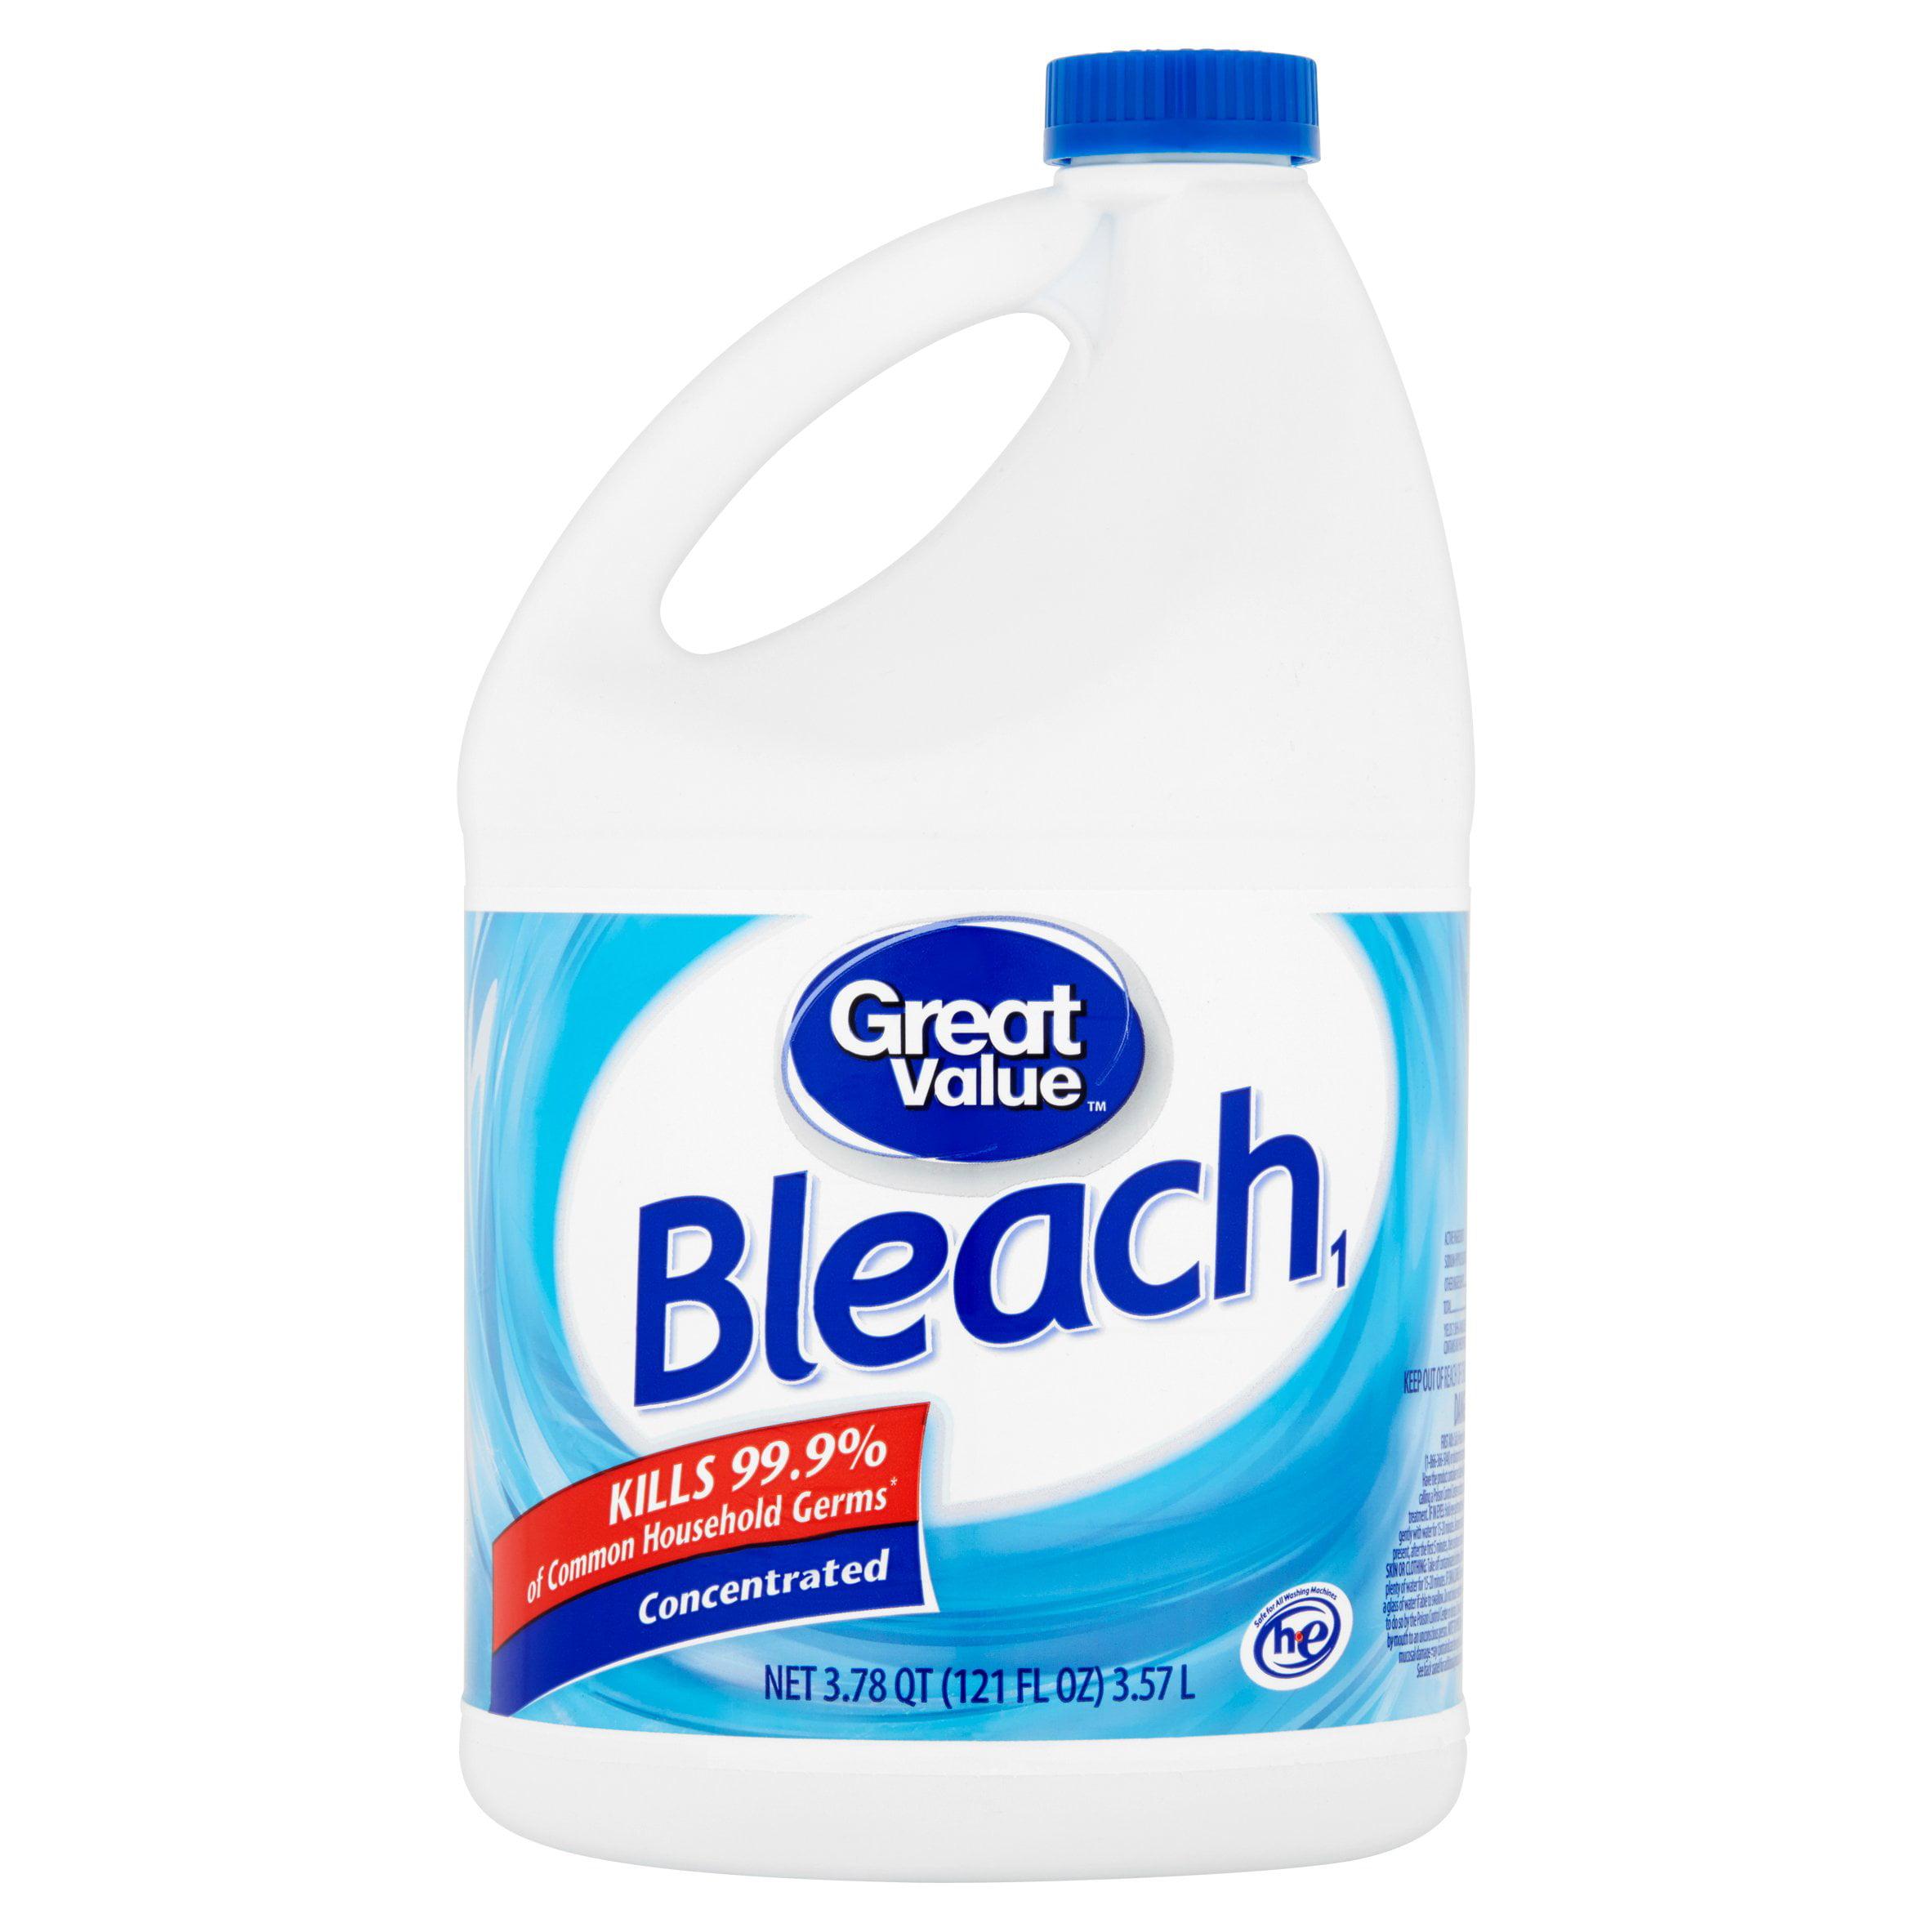 Great Value Bleach, 121 fl oz